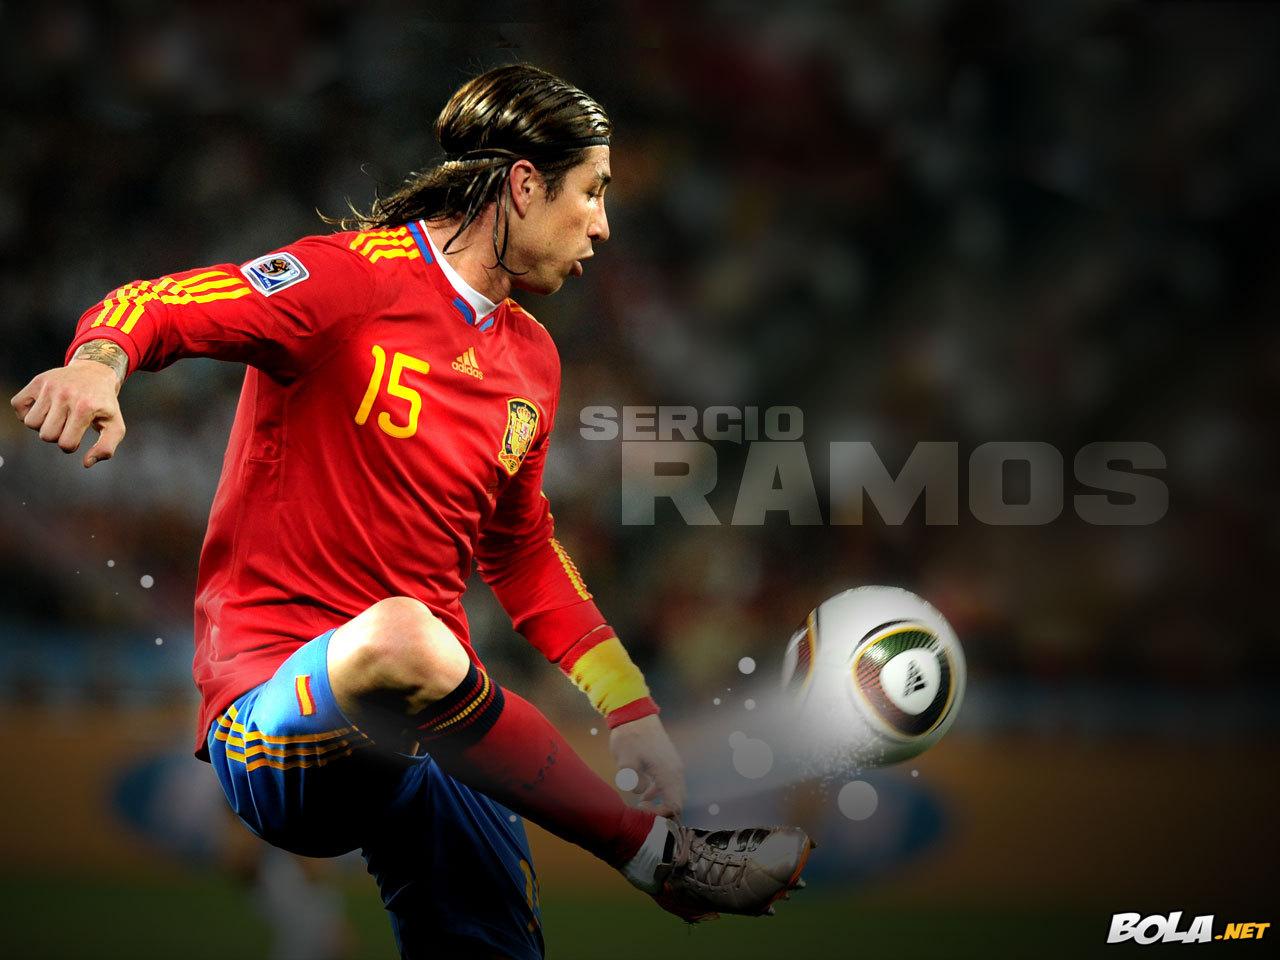 http://4.bp.blogspot.com/-li31QC8d3M0/T28Hm9IQJtI/AAAAAAAABnY/-OdRIDG7oLA/s1600/Sergio+Ramos+hd+Wallpapers+2012_10.jpg